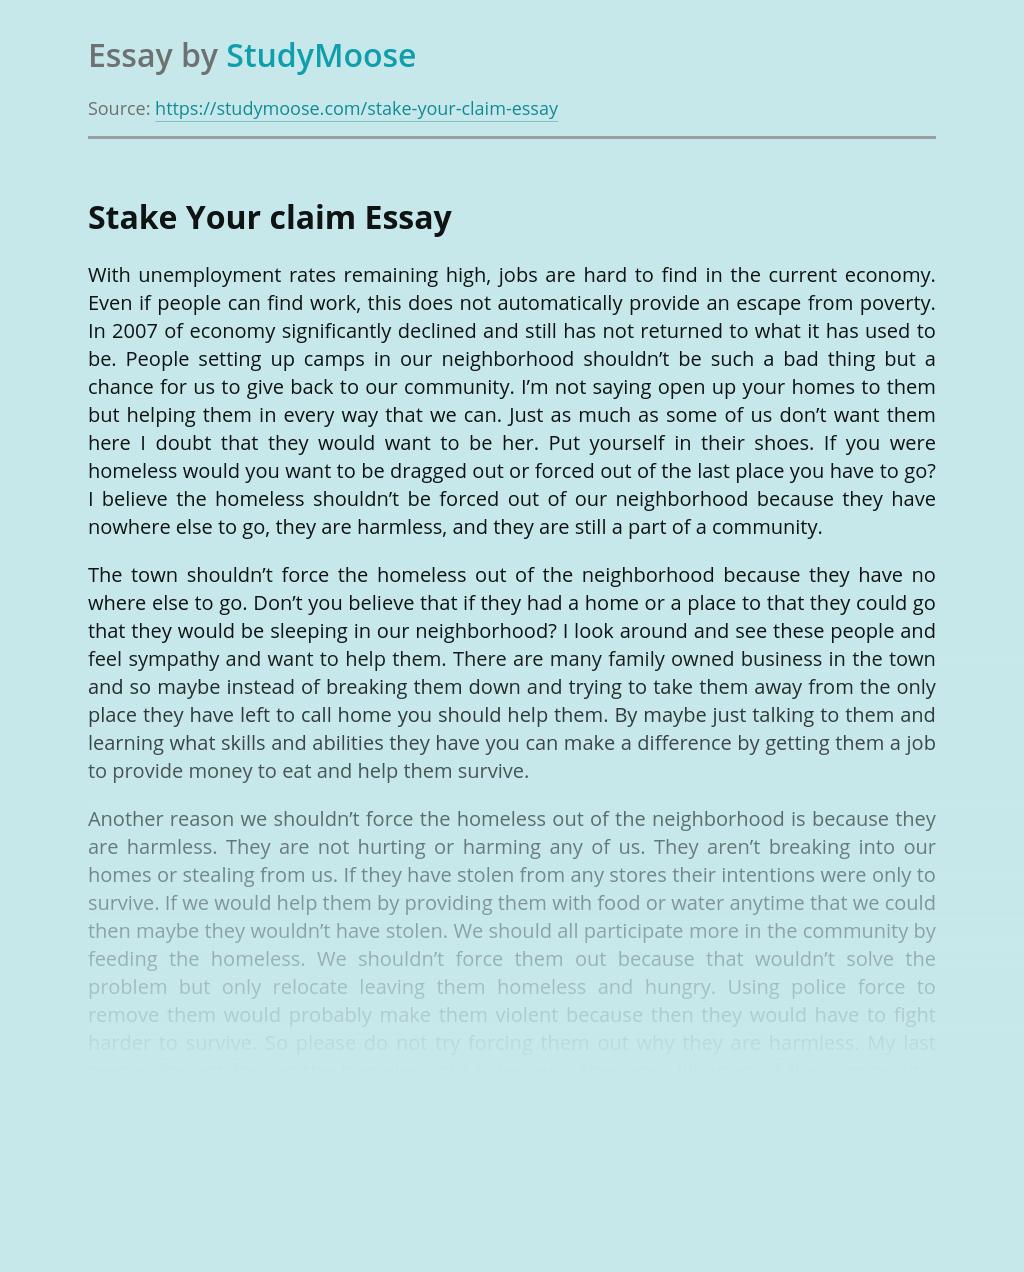 Order essay paper online